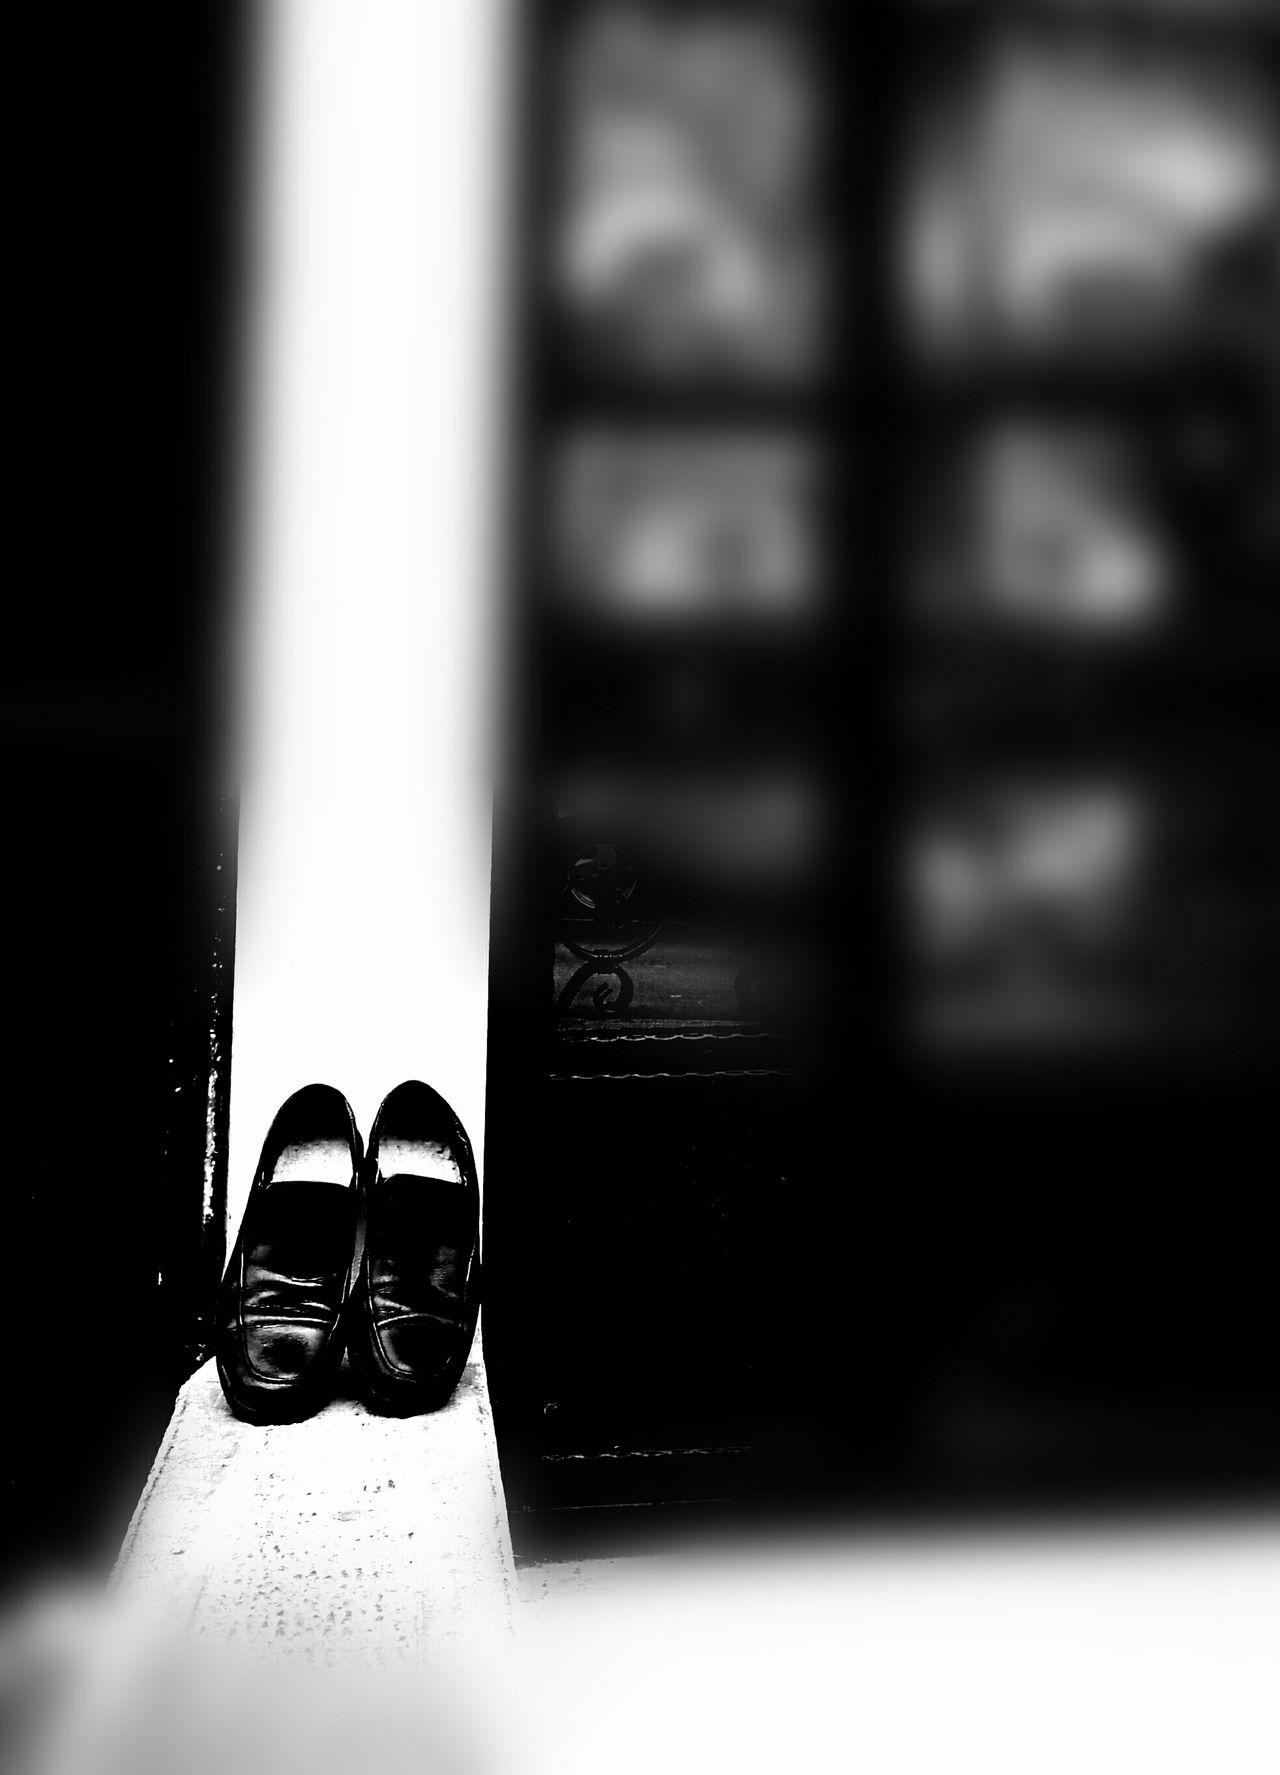 Cenaze Funeral Funeral Home When a person dies, his or her shoes put in front of the door. So it turns out there's a funeral in that house. Bursa / Turkey Bir kişi öldüğünde ayakkabısı kapısının önüne konulur. Böylece o evde cenaze olduğu anlaşılır.